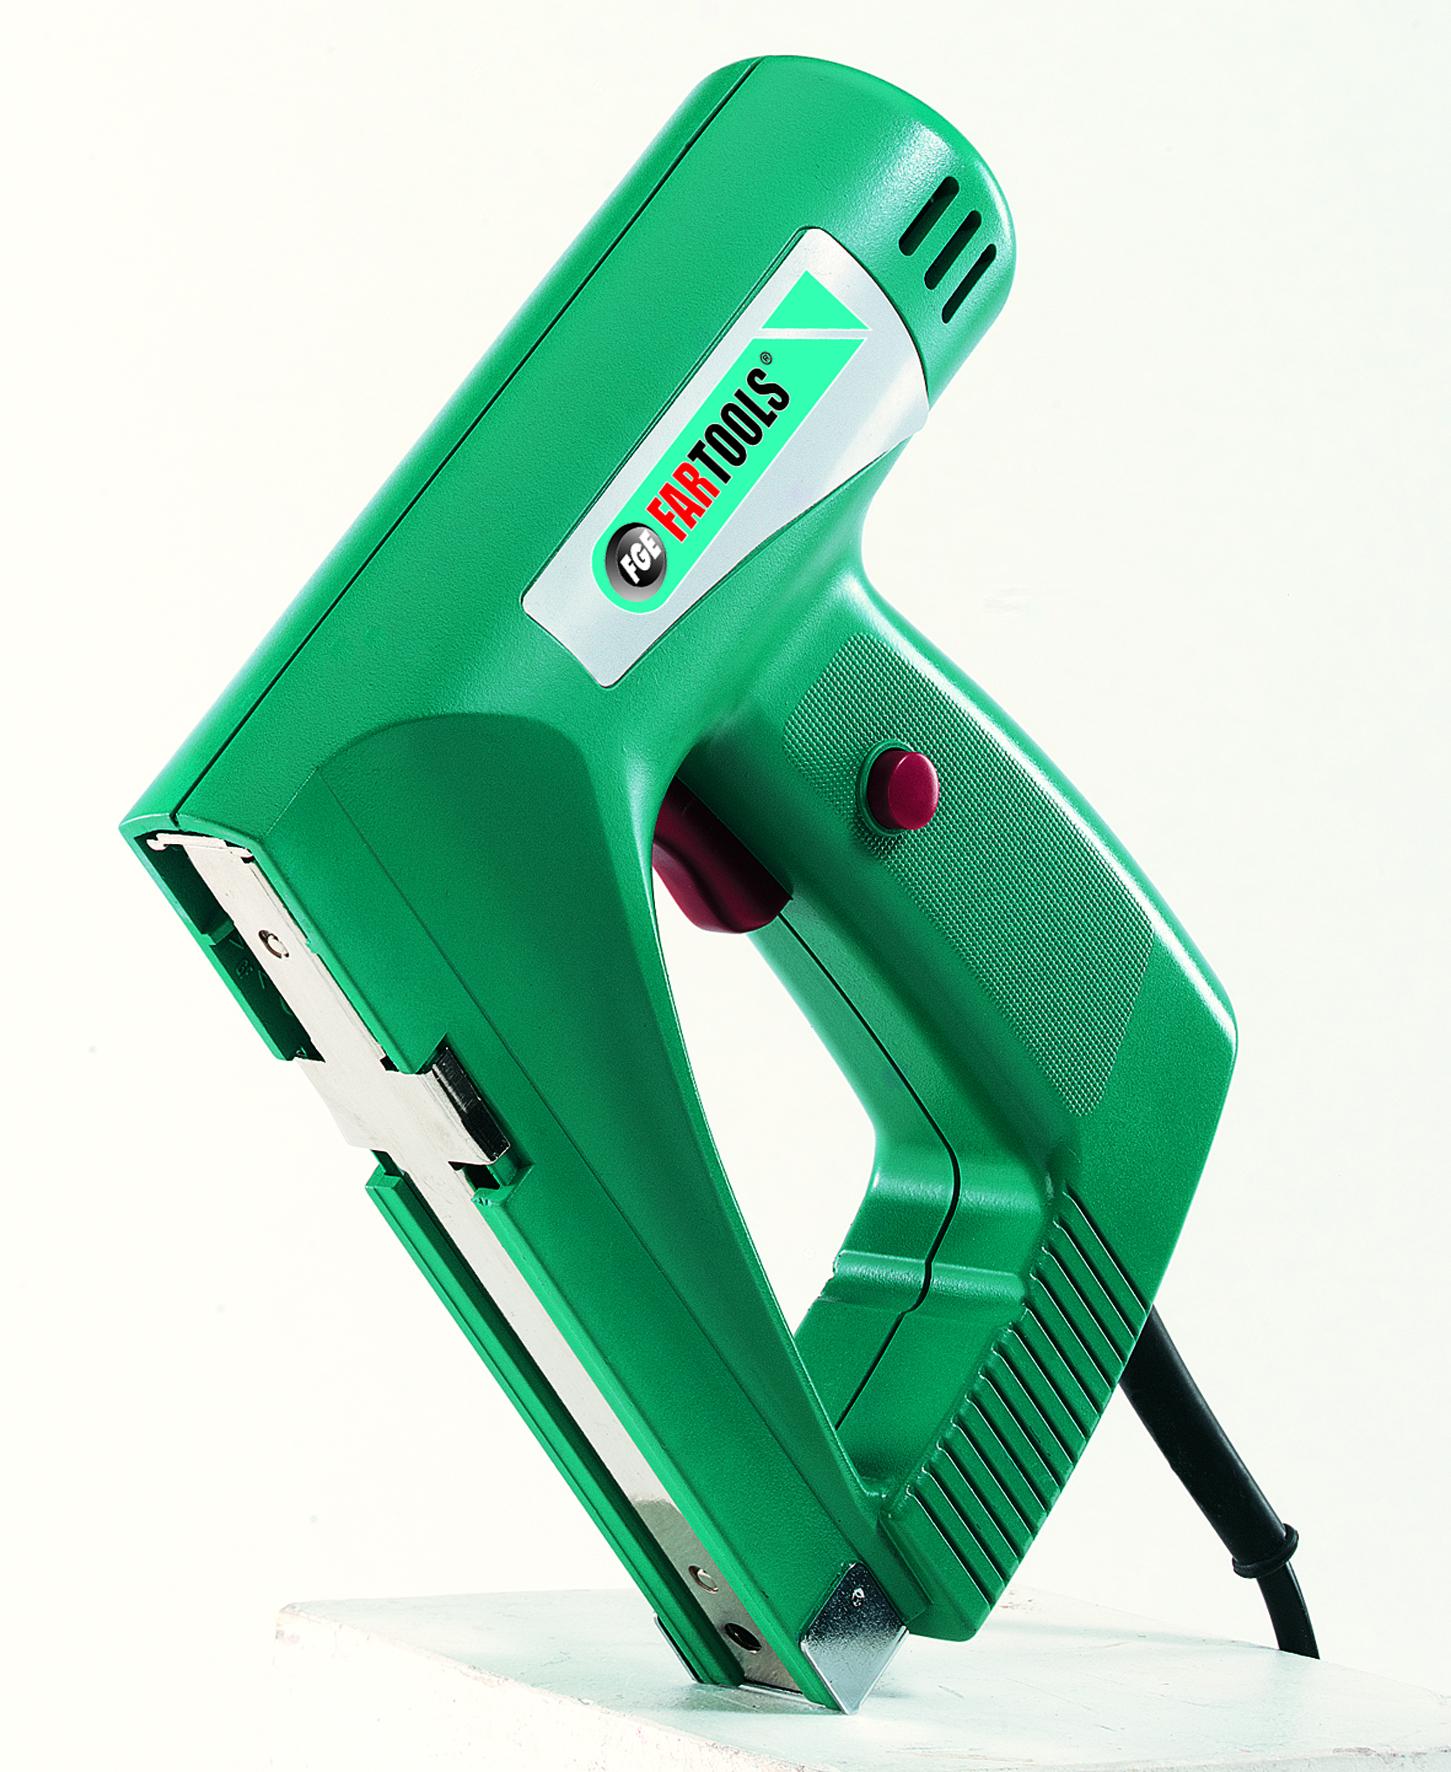 far tools sn 800